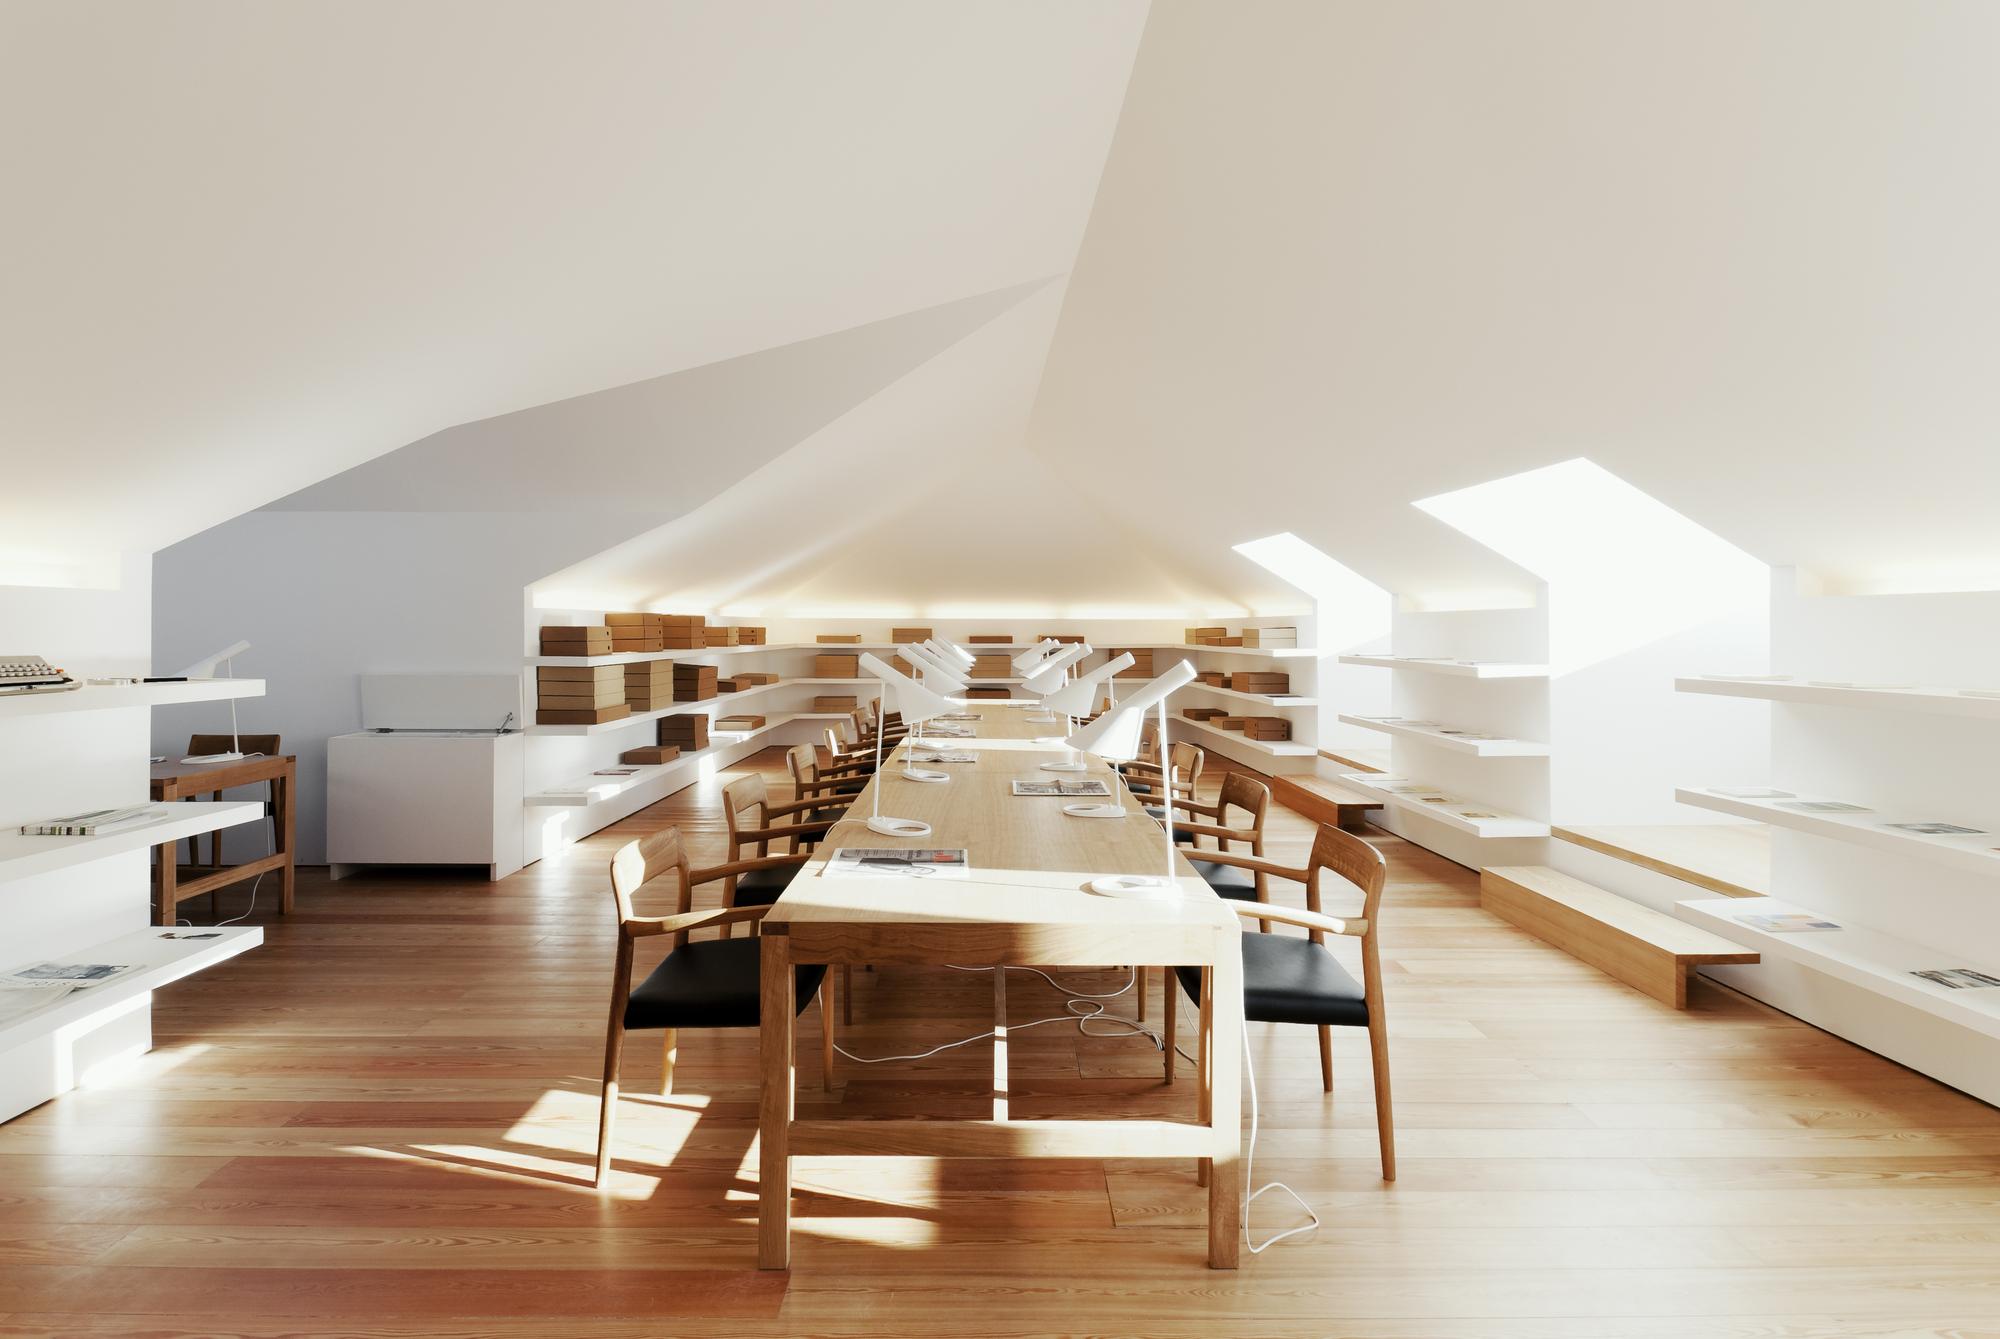 Casa da escrita jo o mendes ribeiro cristina guedes for Ecole architecture interieur